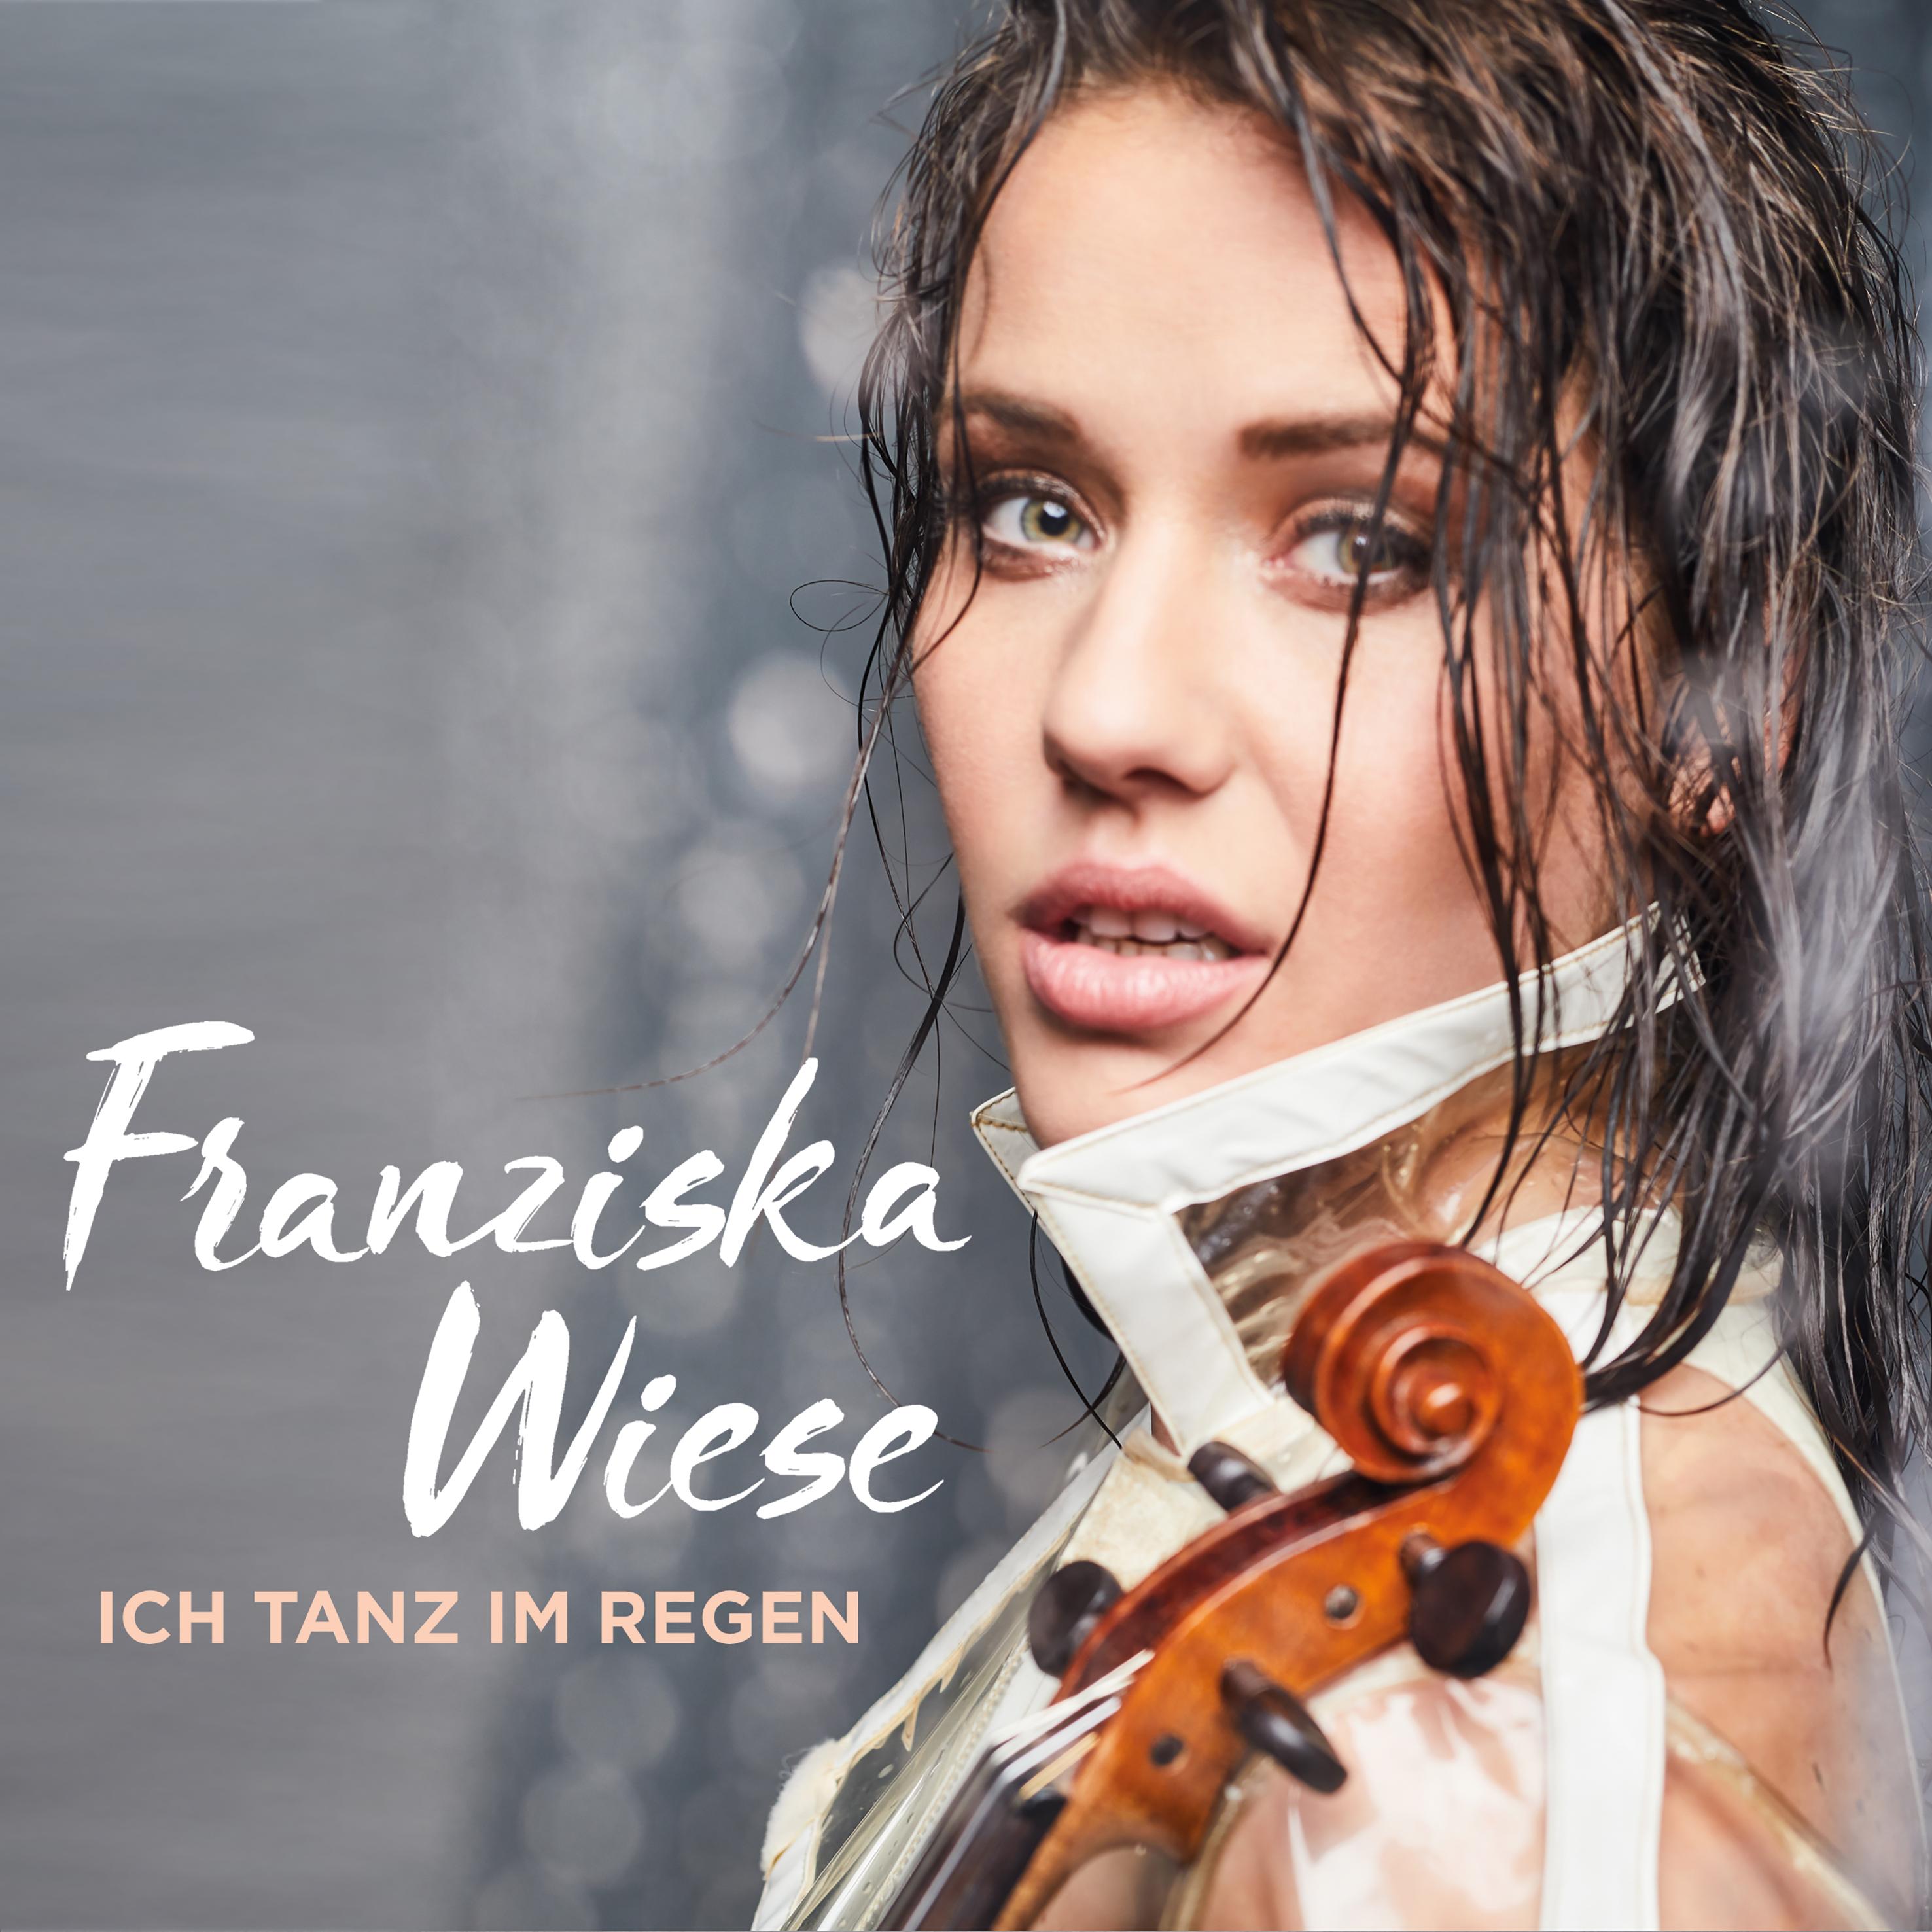 Franziska Wiese_Ich tanz im Regen (Produced by SILVERJAM)